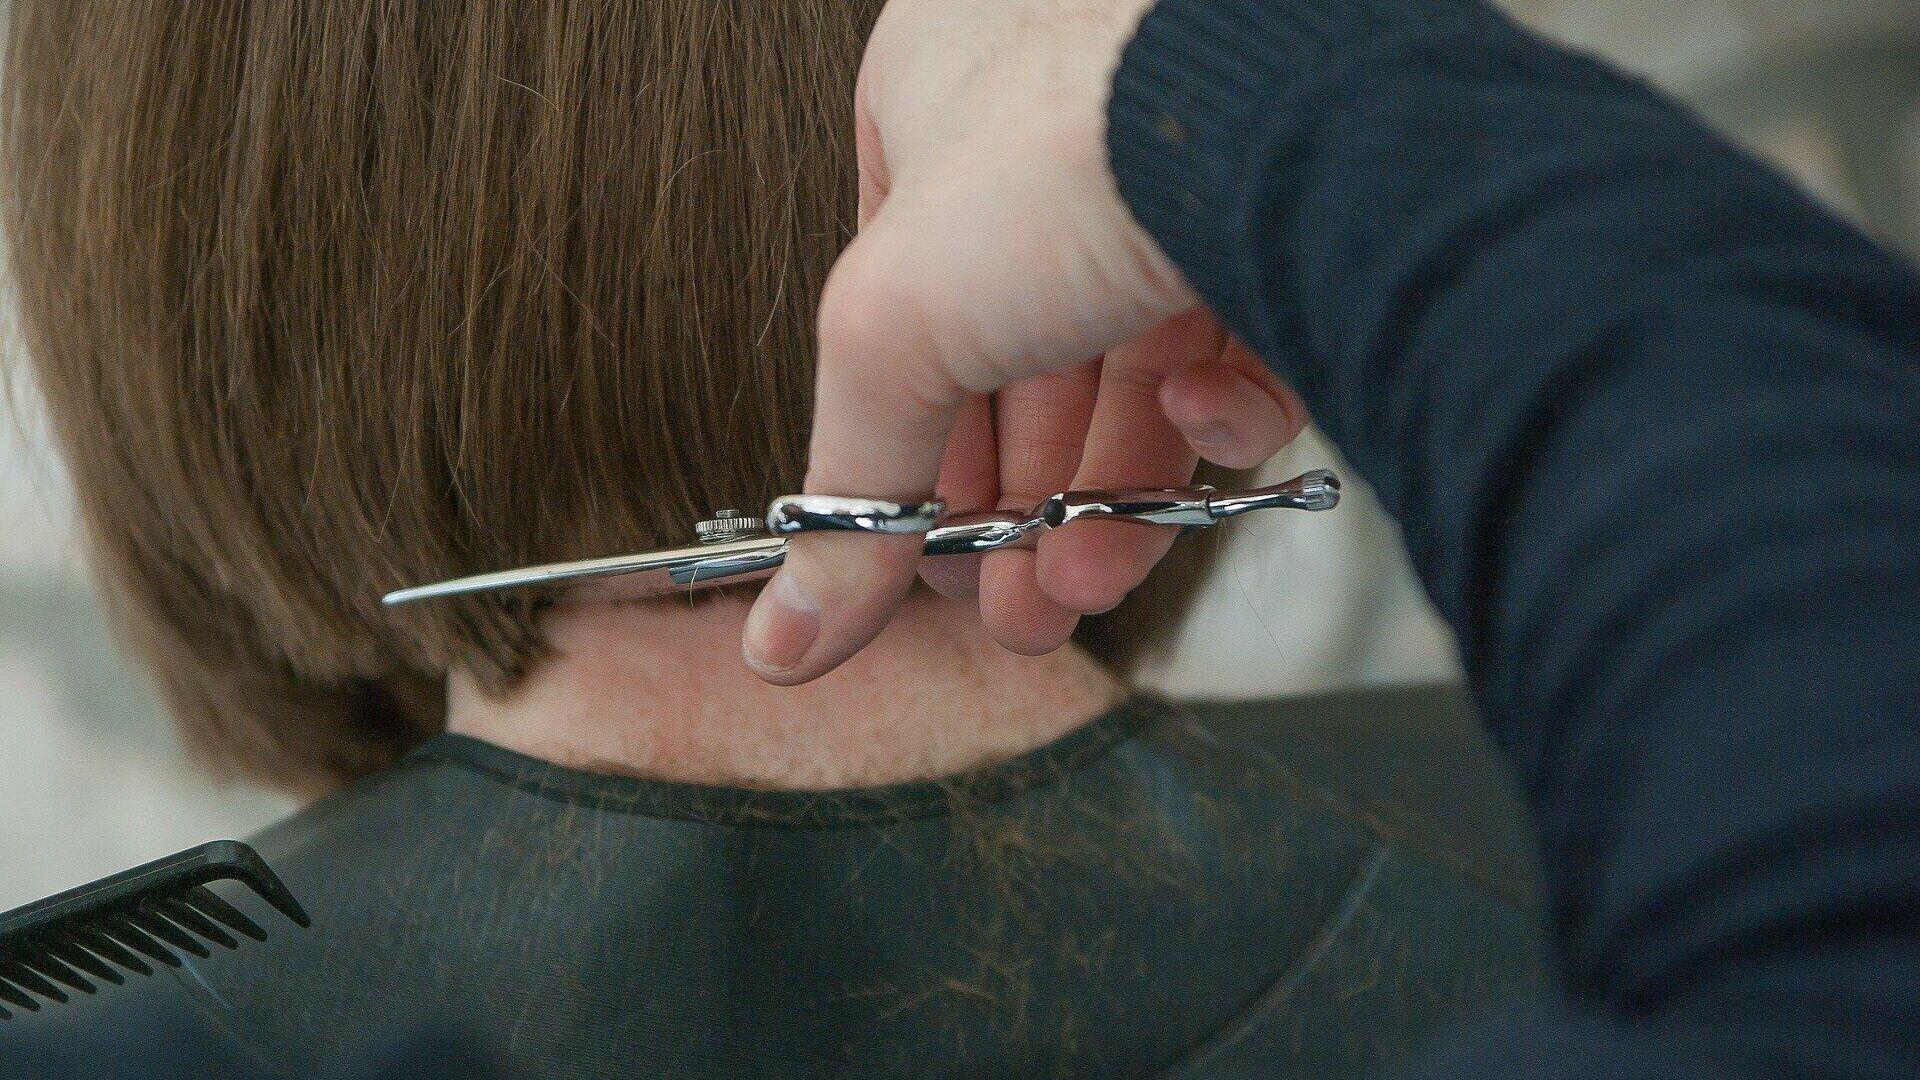 Haarschnitt (Symbolbild) - SNA, 1920, 24.09.2021